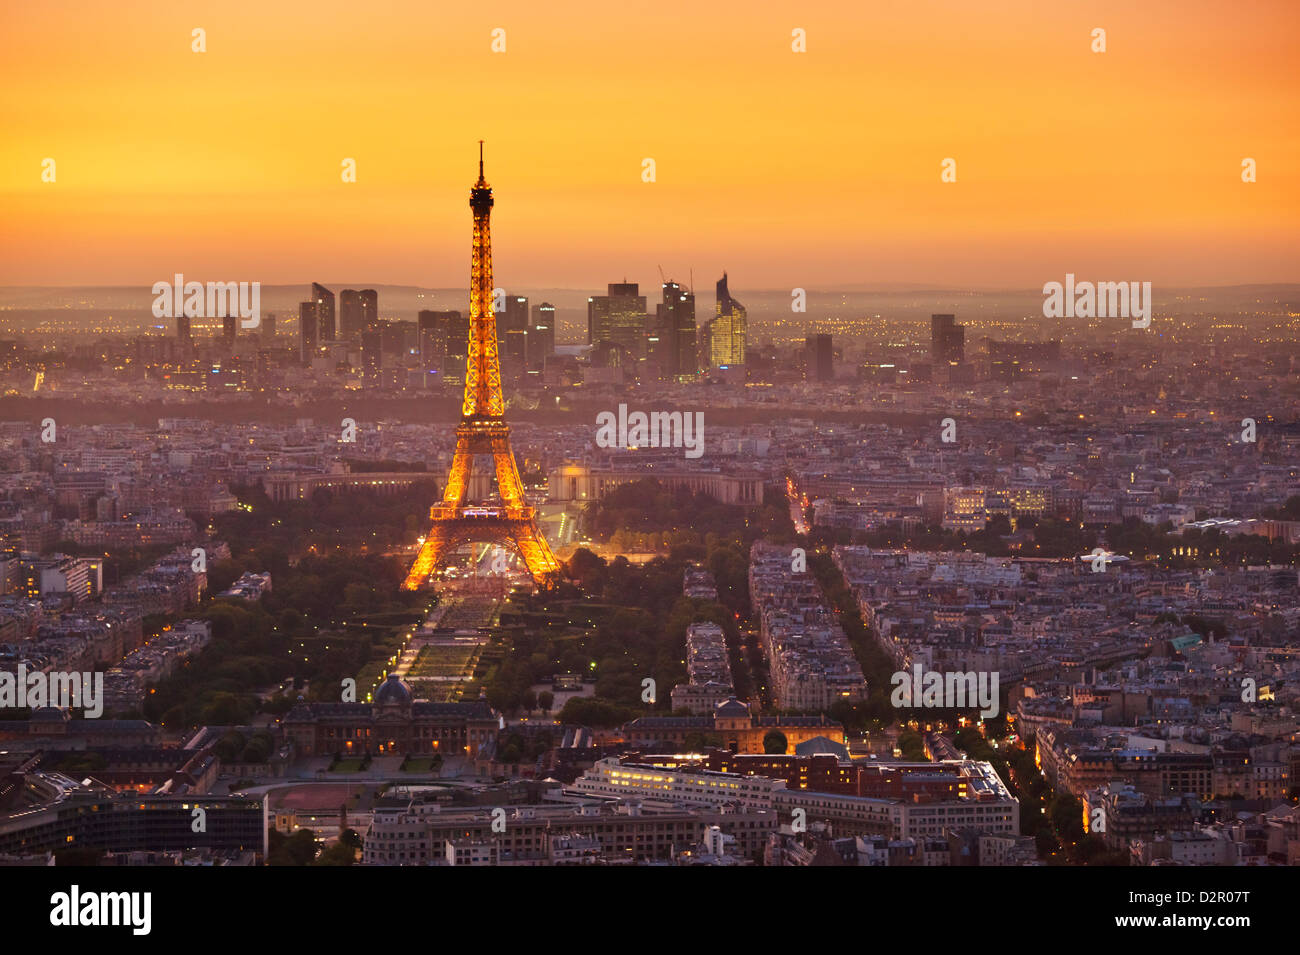 Paris-Skyline bei Sonnenuntergang mit dem Eiffel Turm und La Defense, Paris, Frankreich, Europa Stockbild